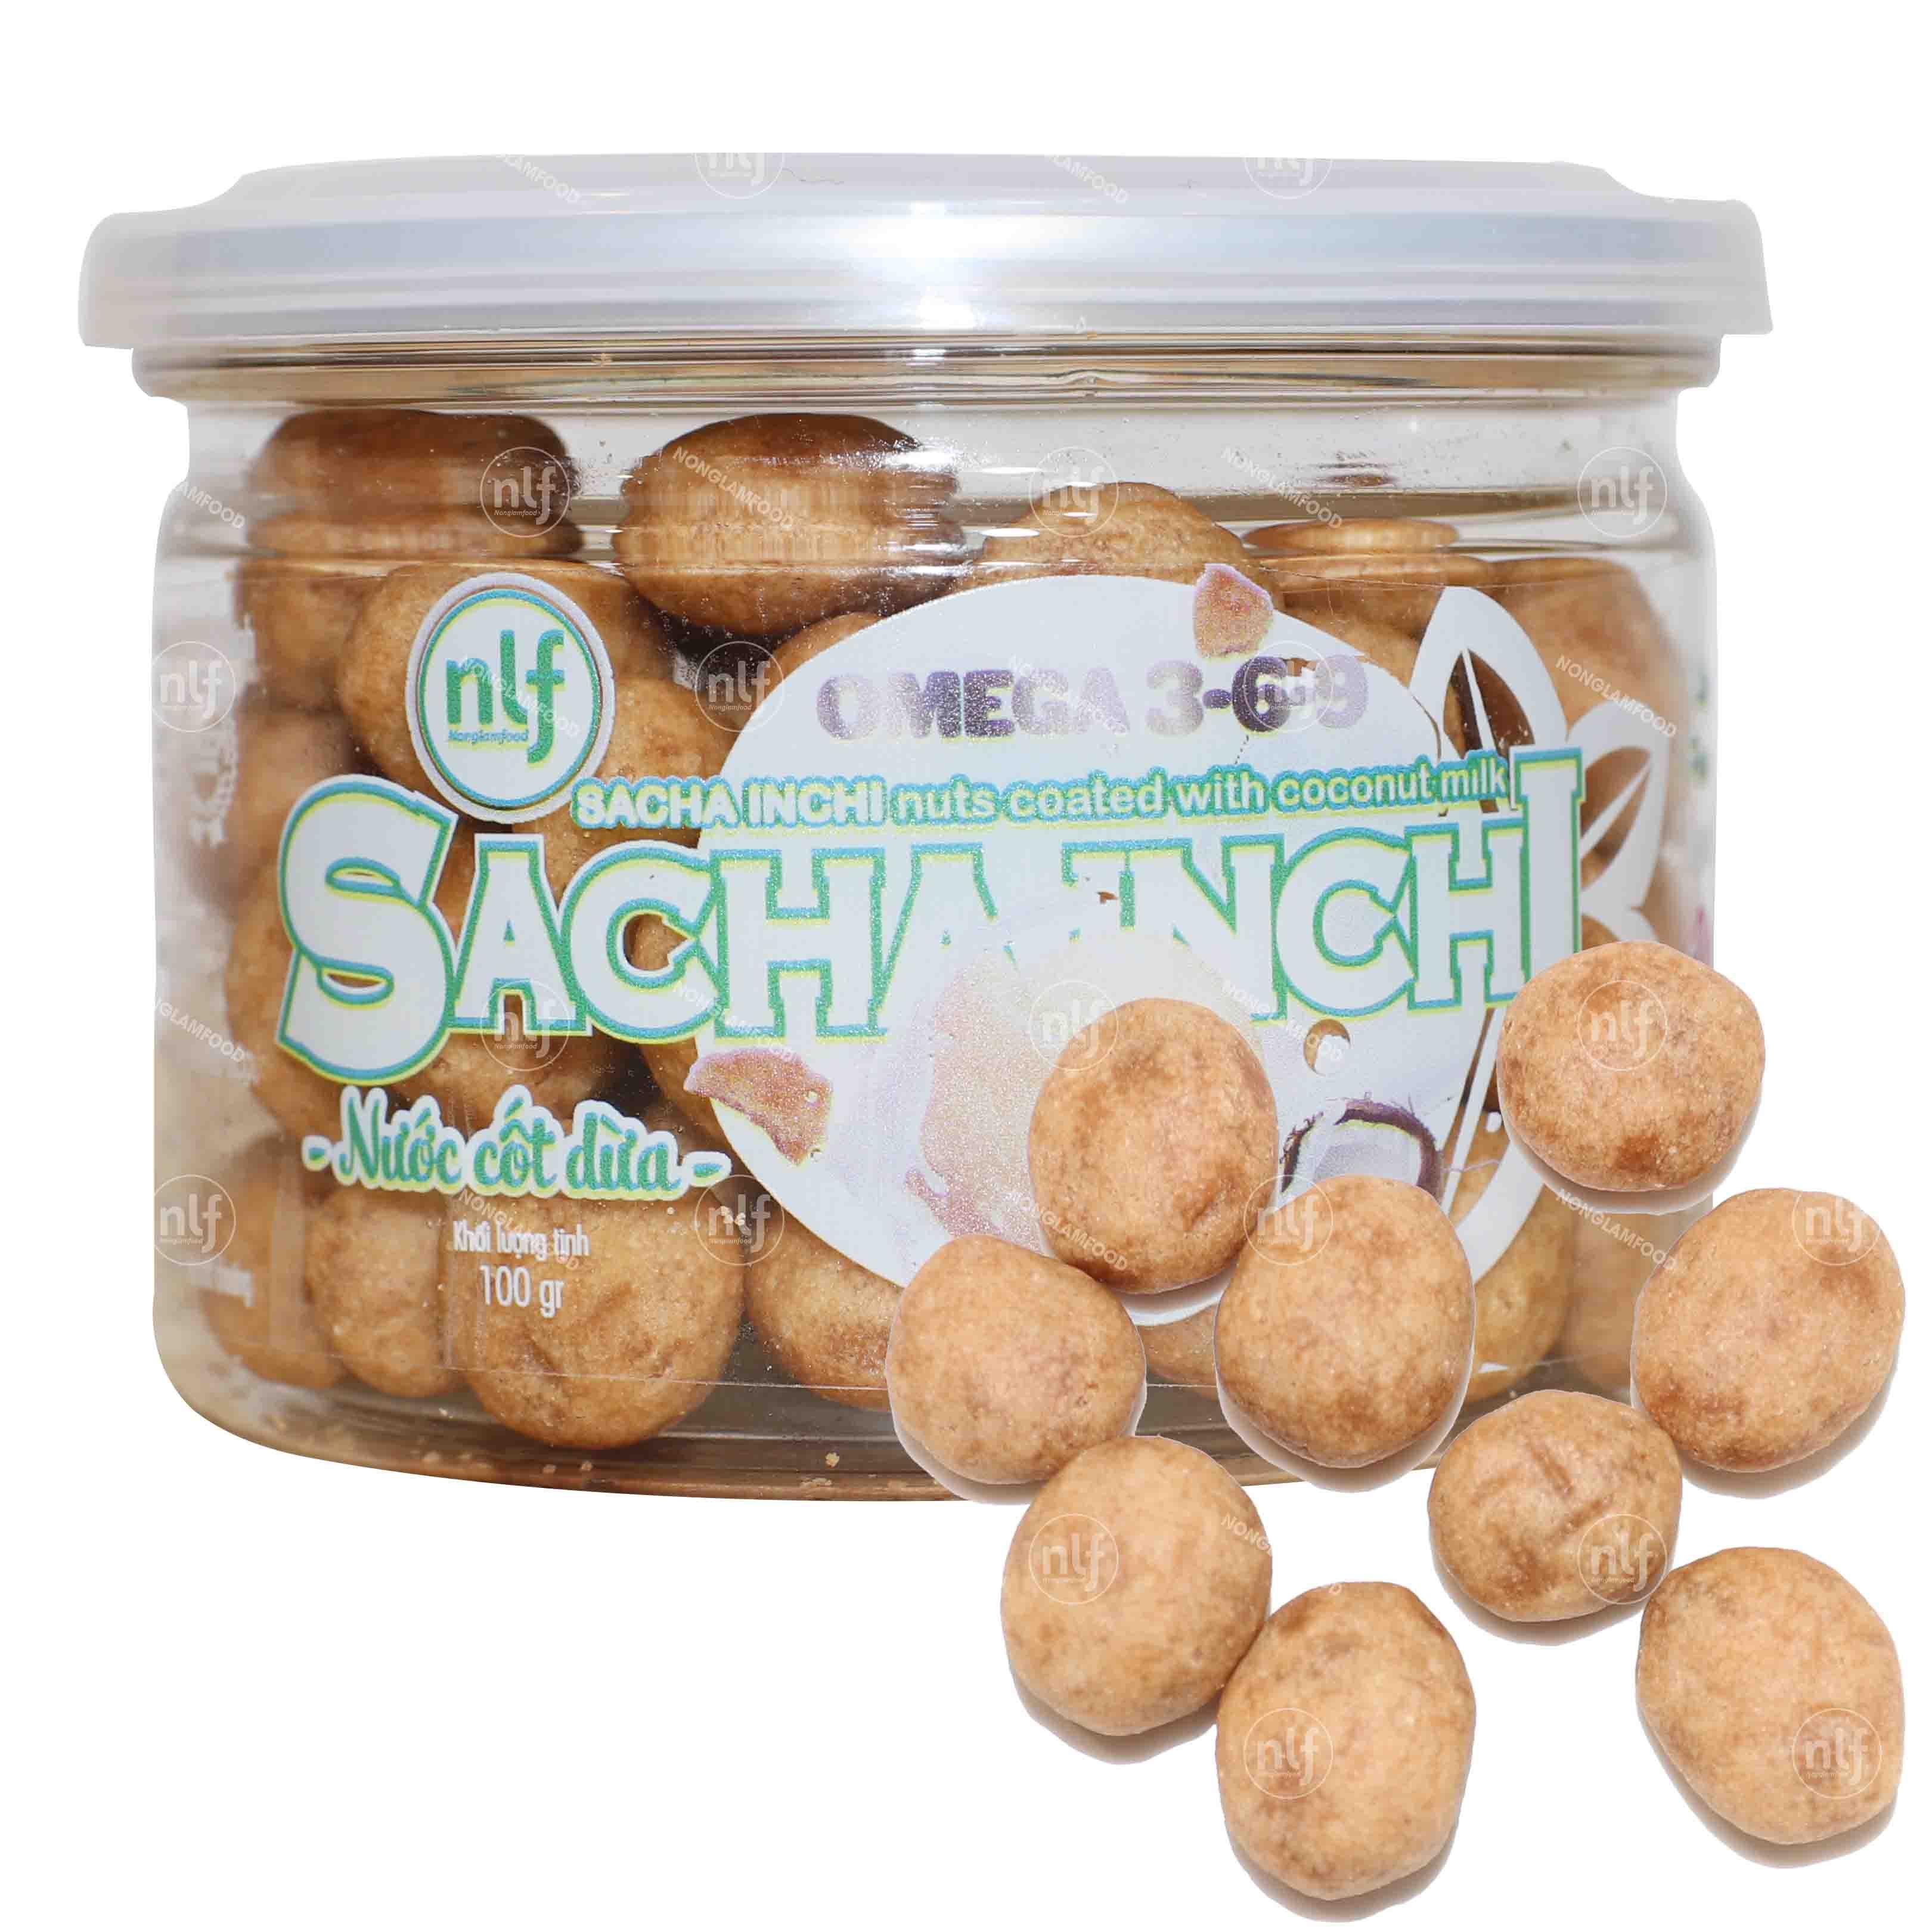 Hạt Sacha Inchi nước cốt dừa 100g